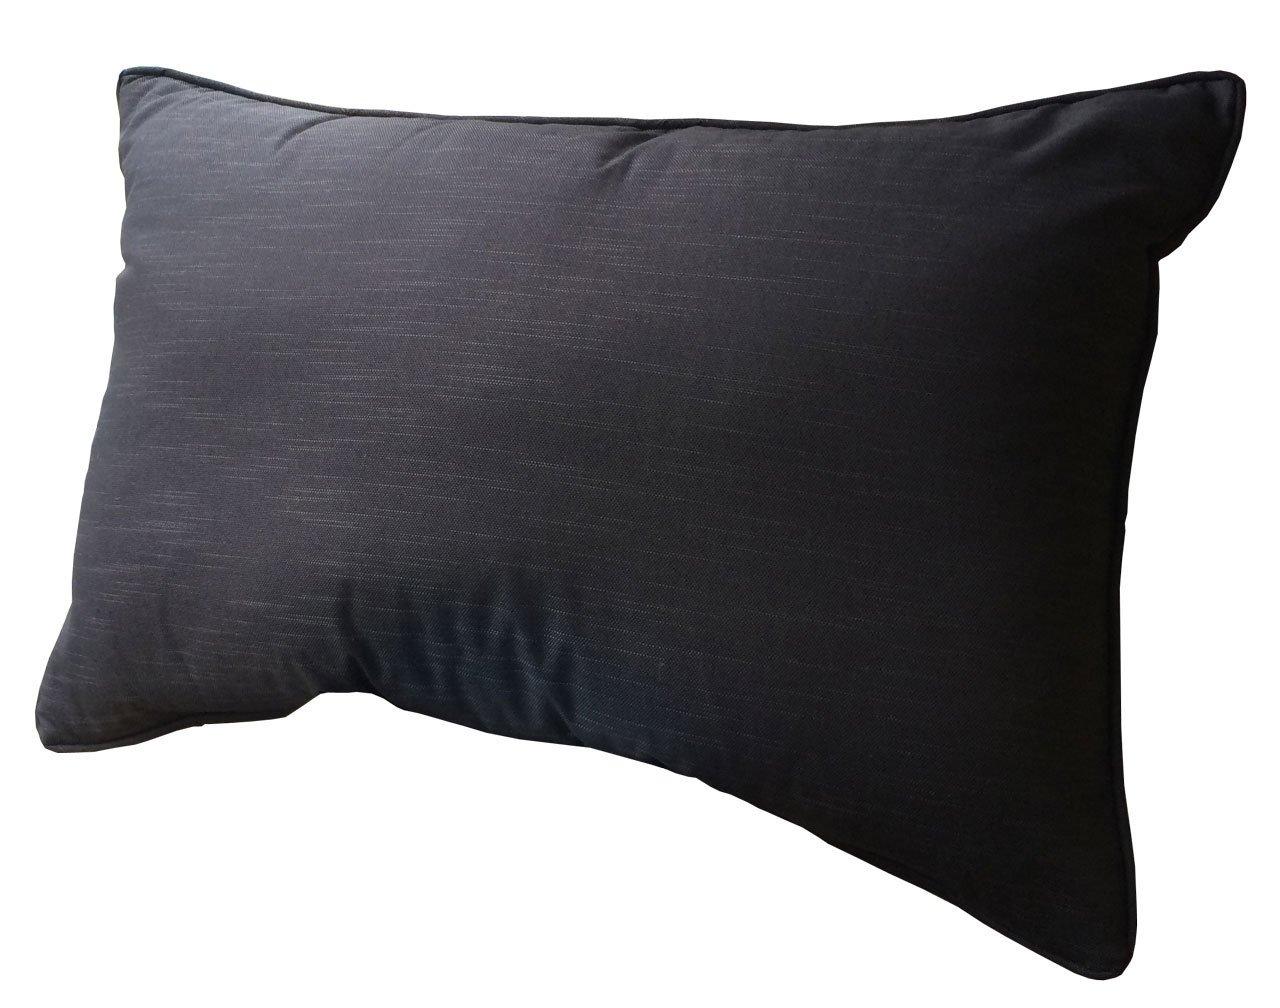 Kissenbezug 85x50cm Schwarz günstig bestellen